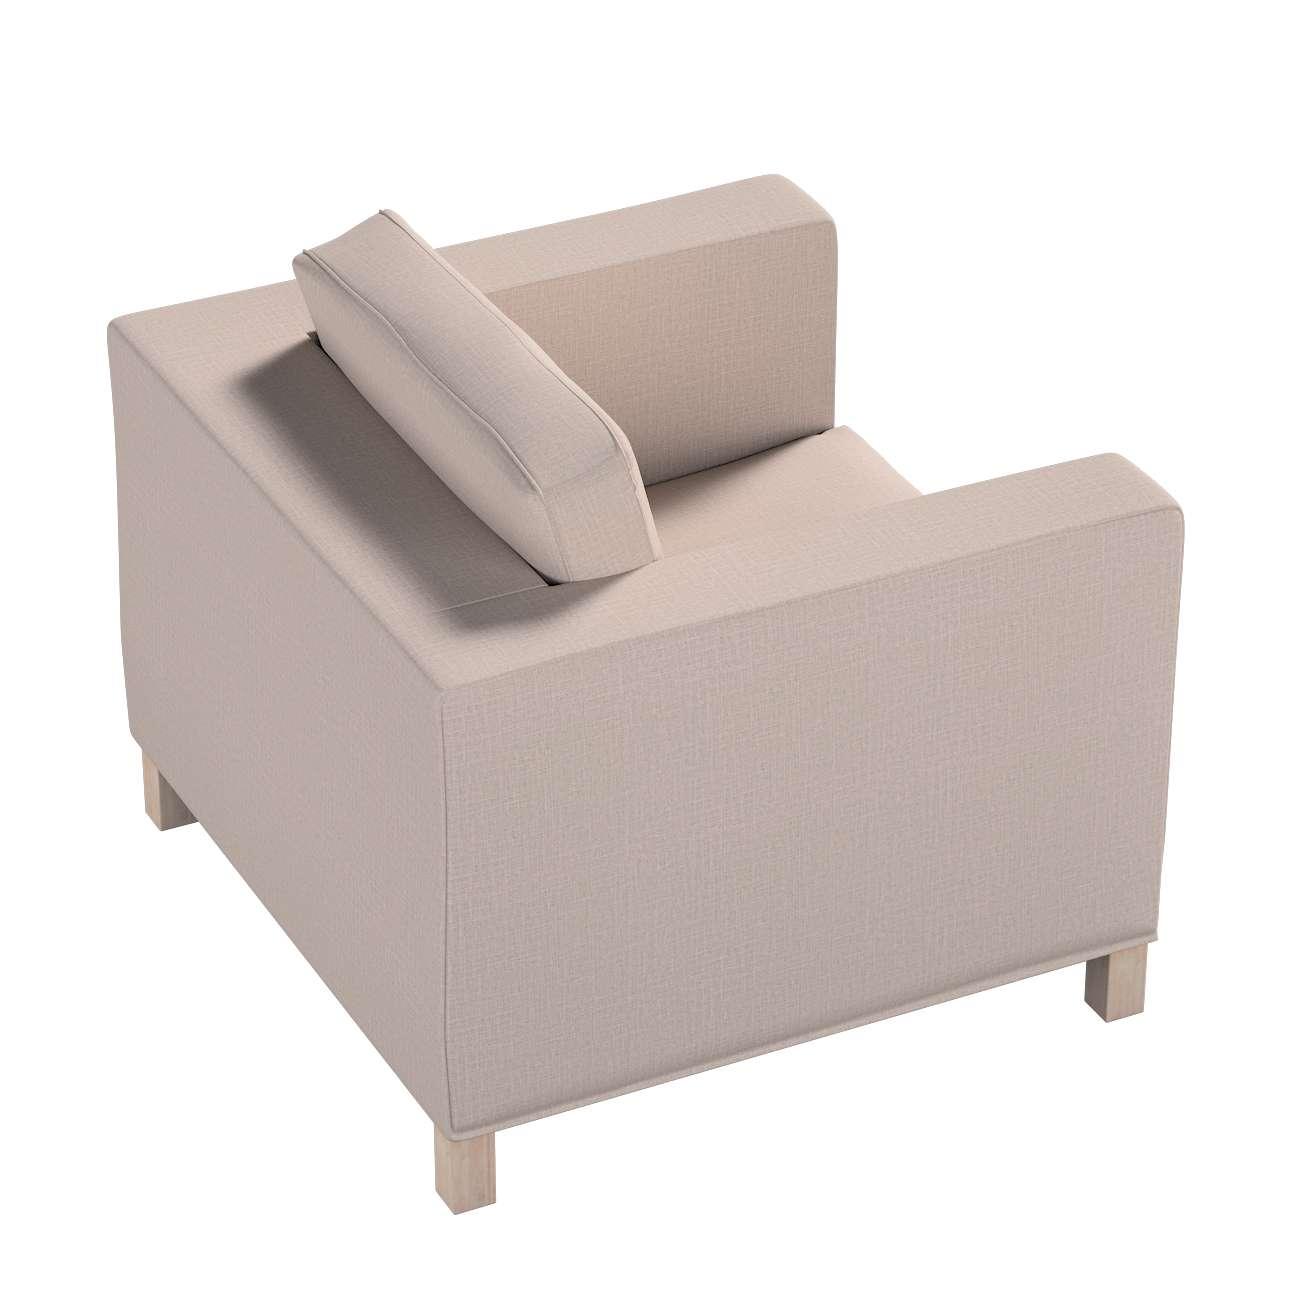 Pokrowiec na fotel Karlanda, krótki w kolekcji Living II, tkanina: 160-85